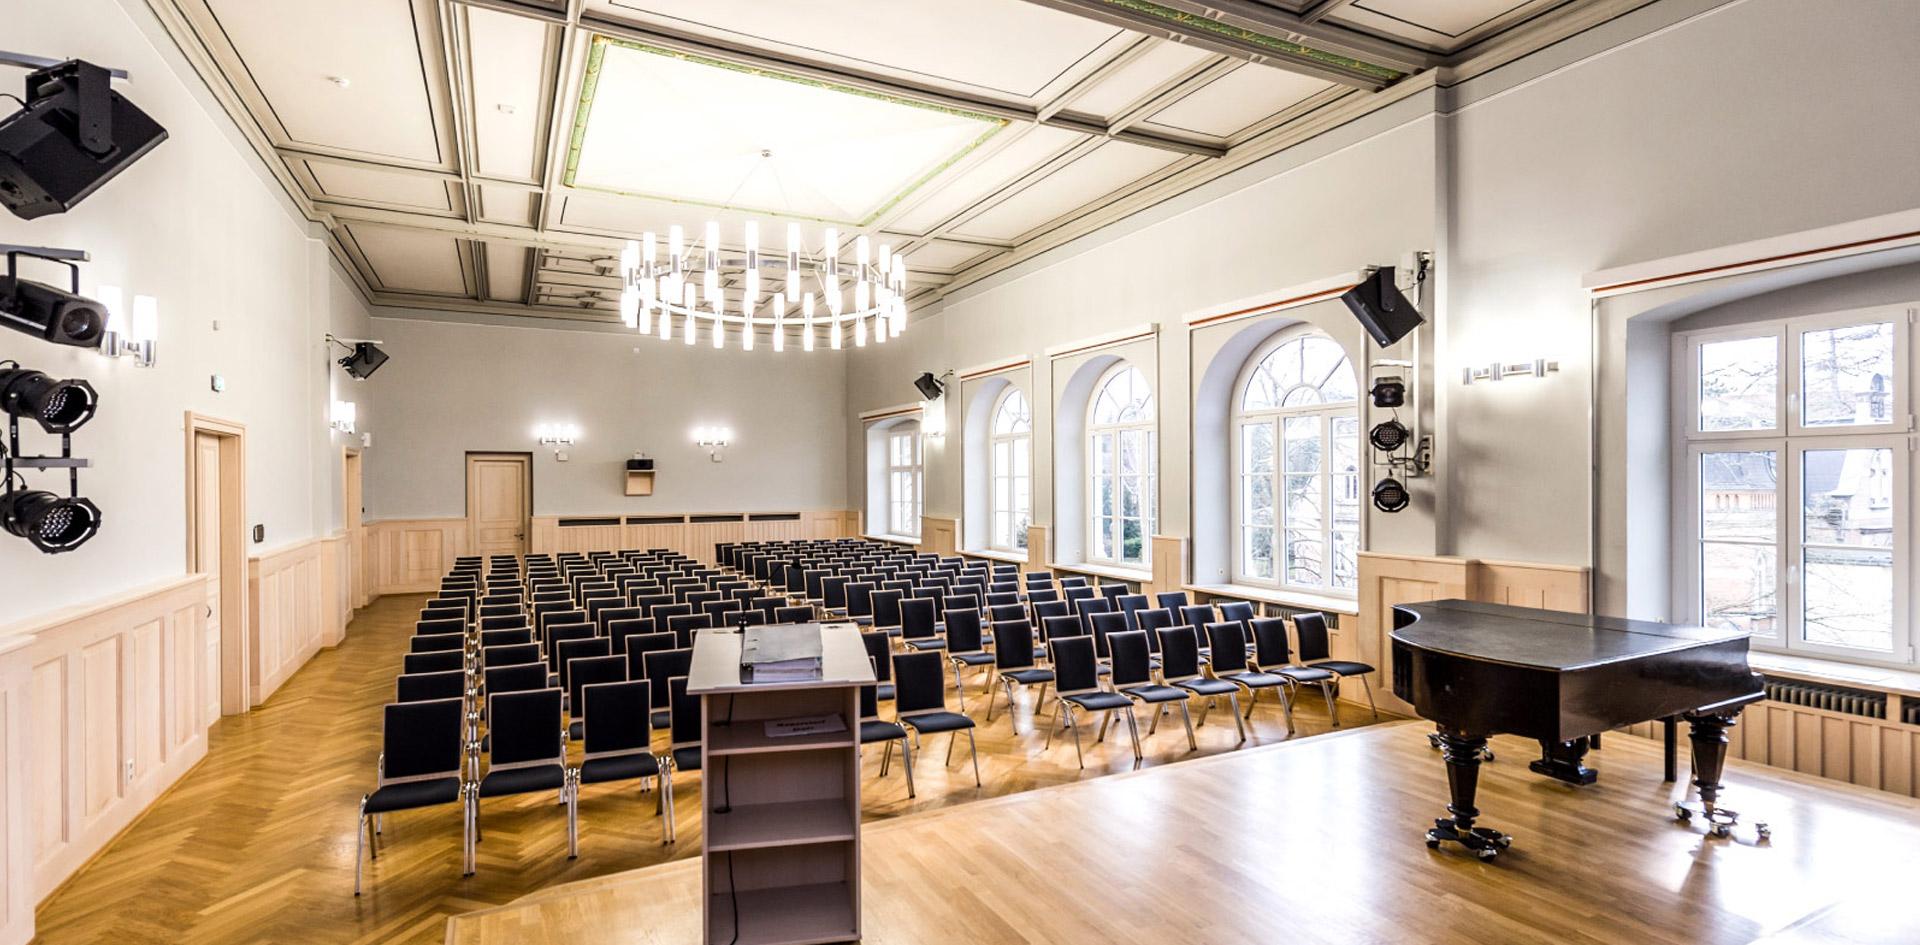 Gotthold-Ephraim-Lessing-Gymnasium Döbeln